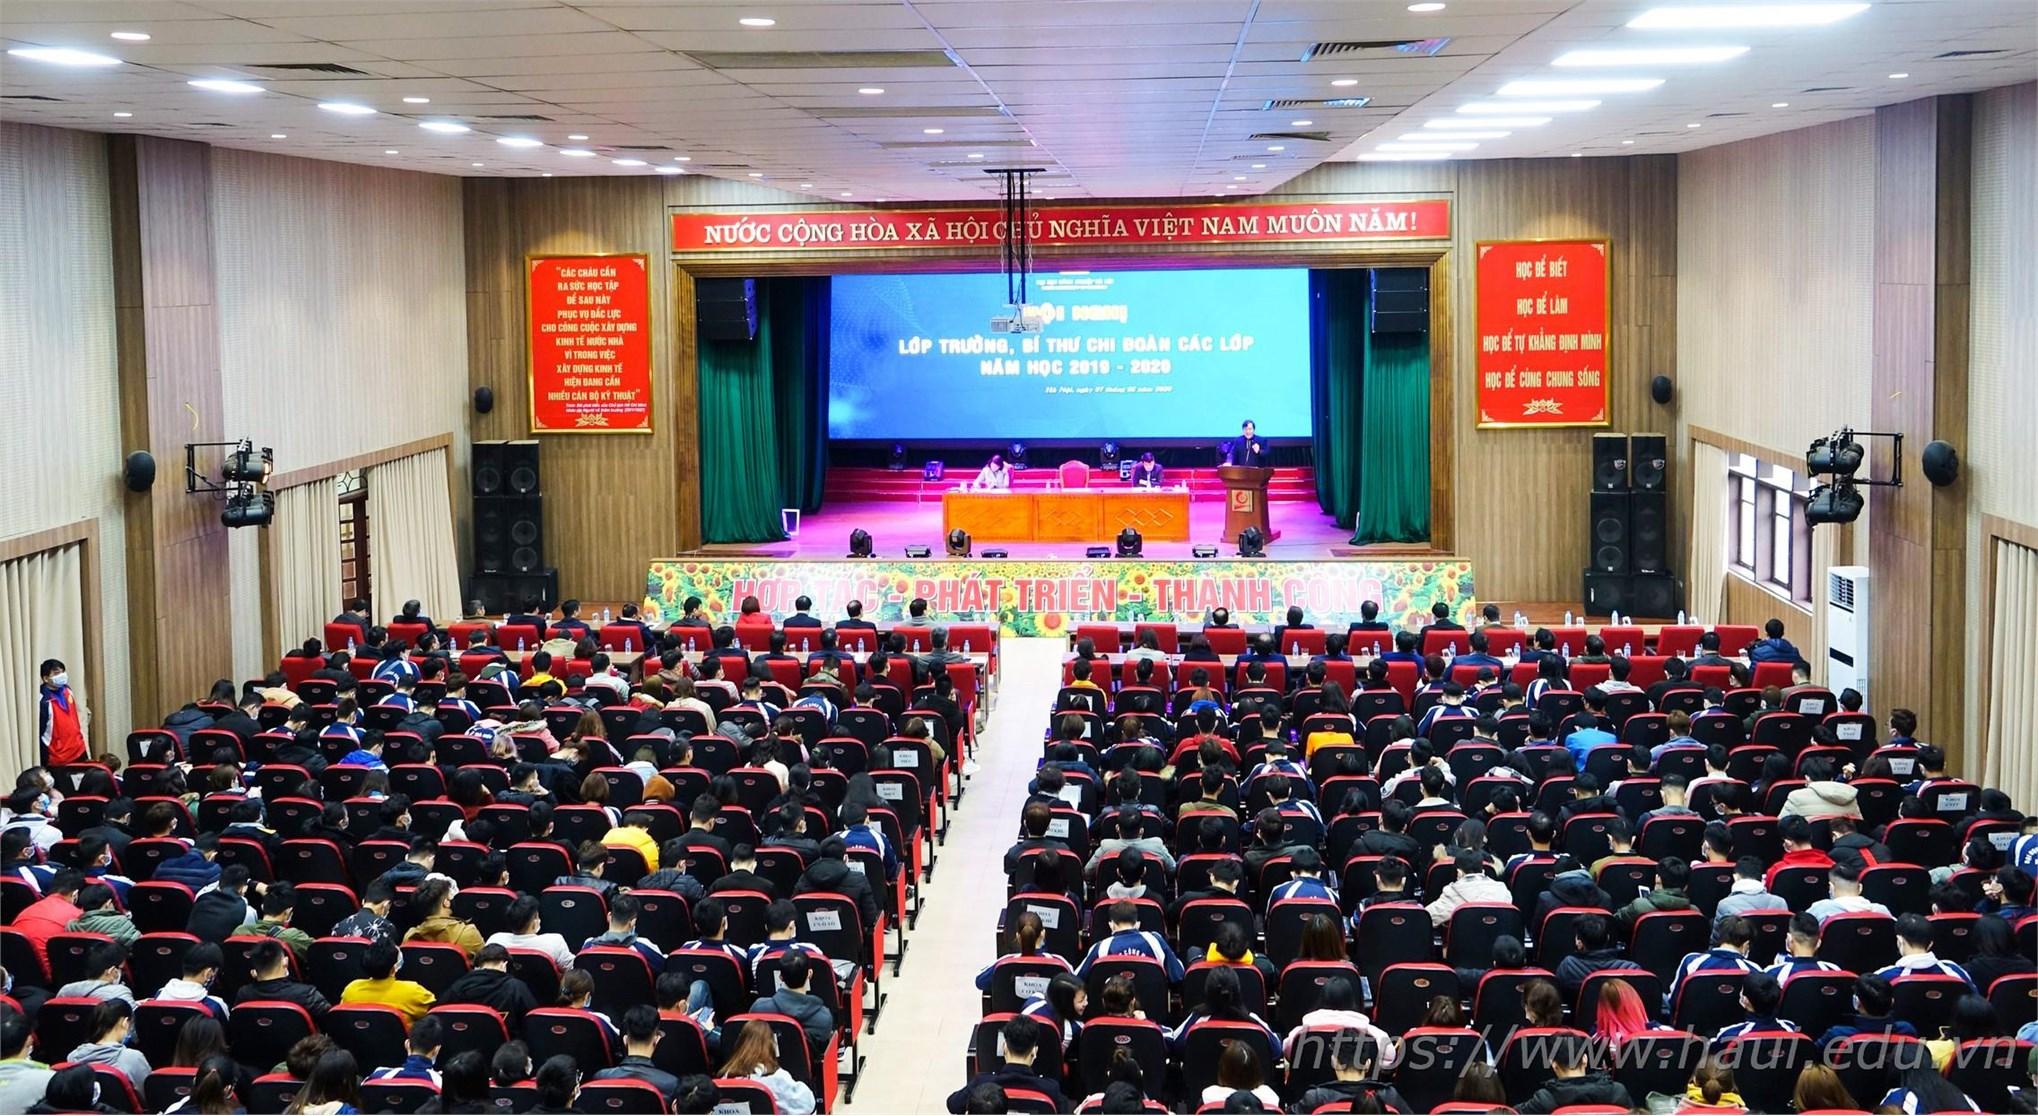 Hội nghị Lớp trưởng, Bí thư Chi đoàn năm học 2019 - 2020